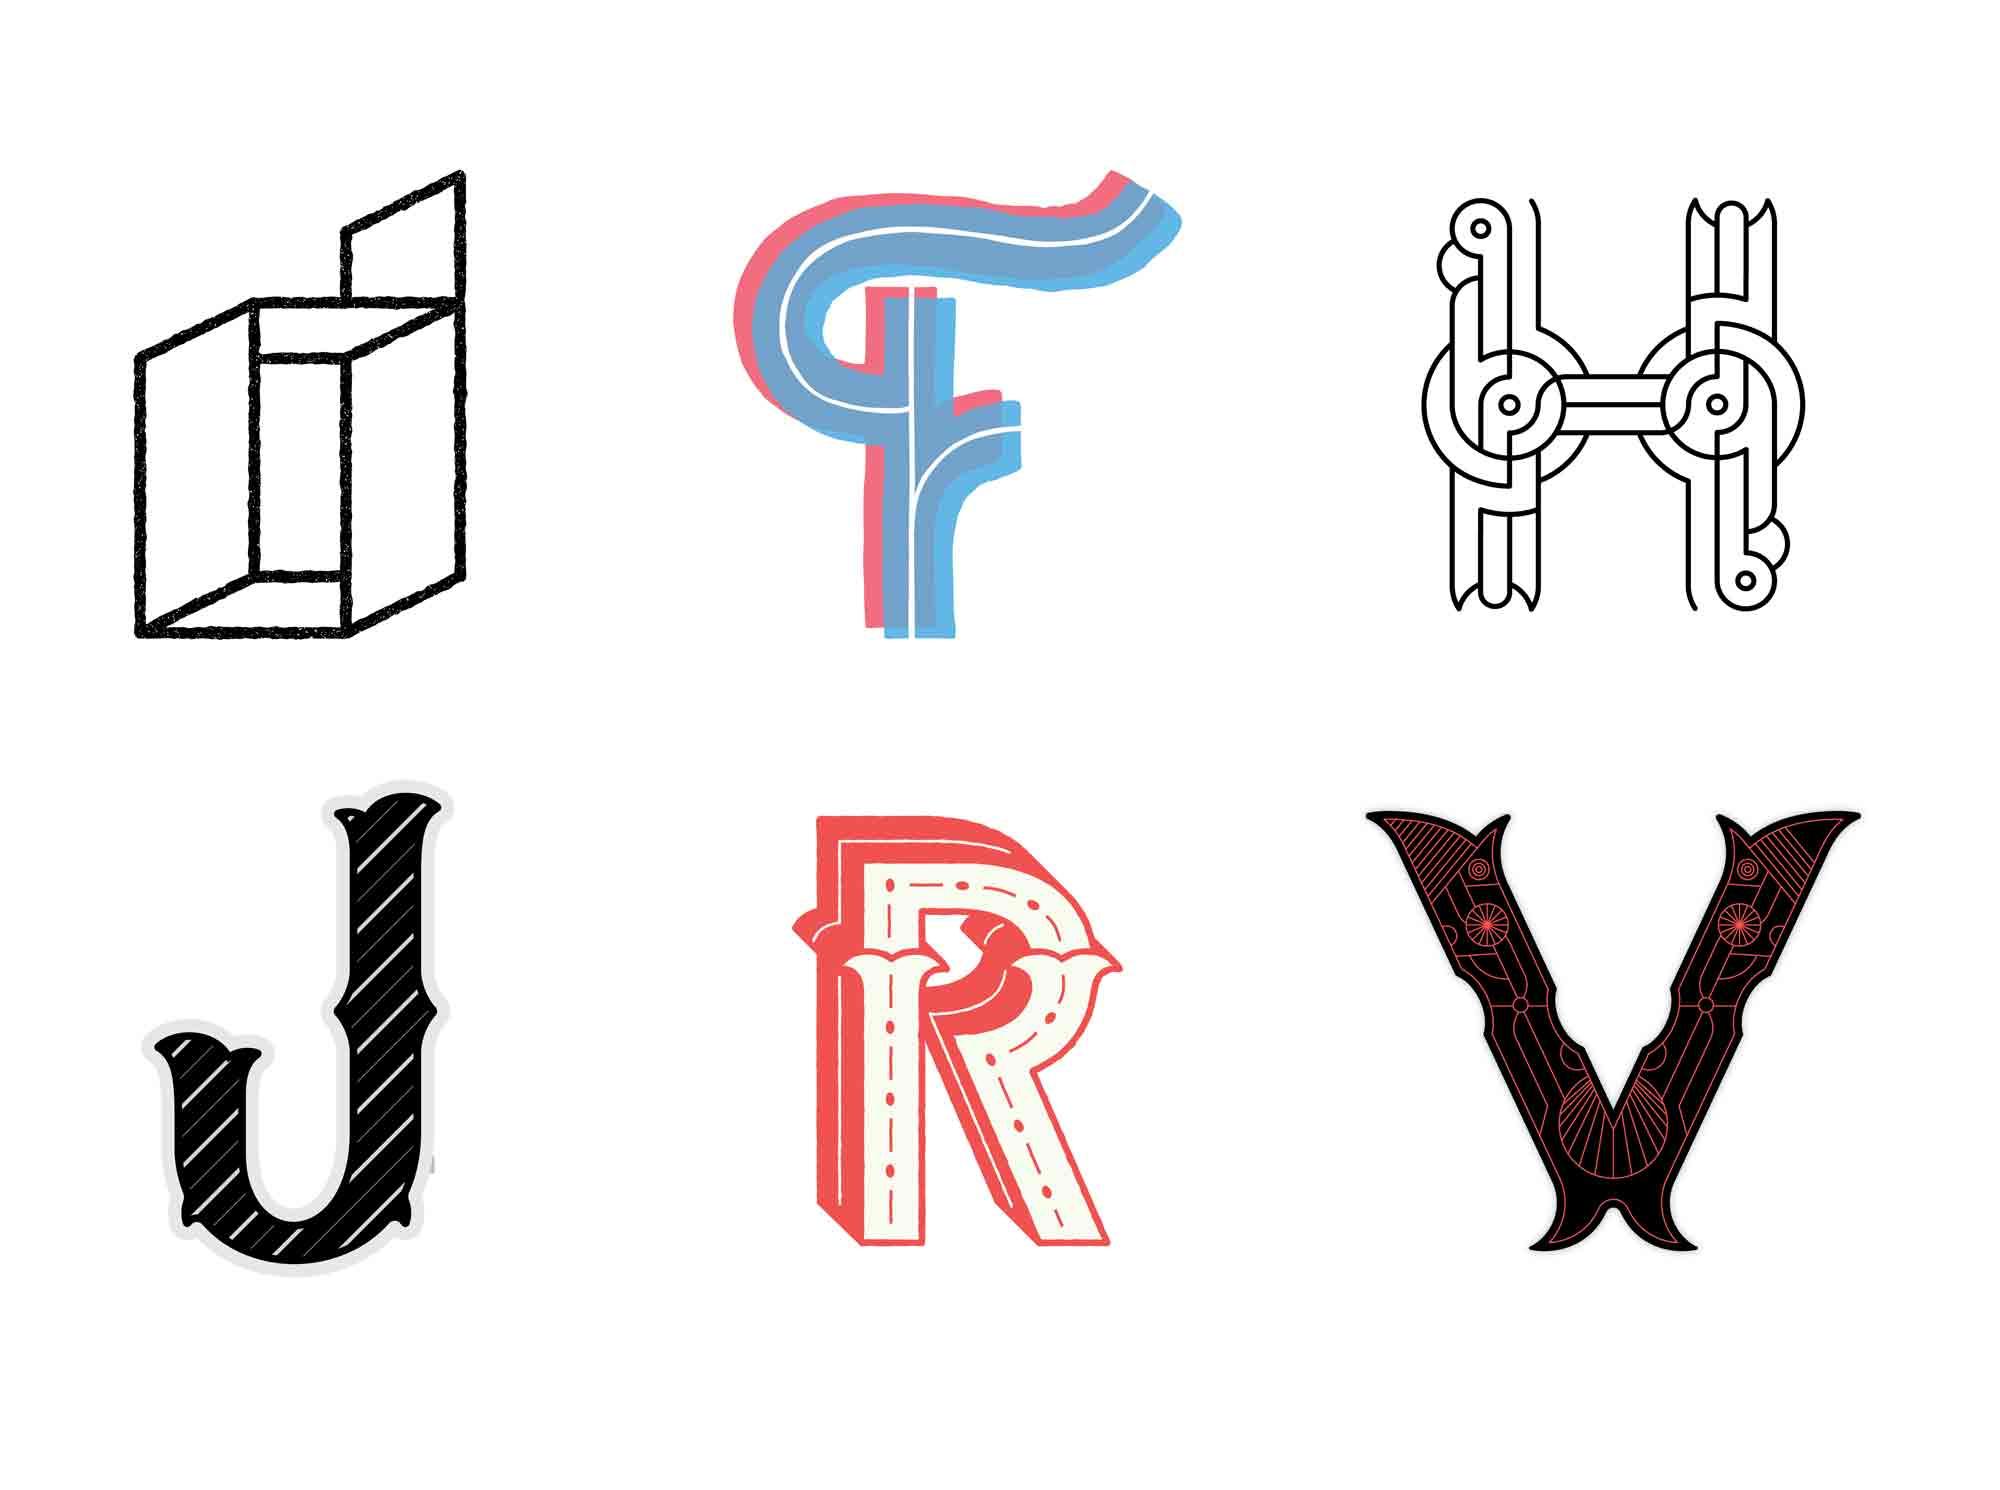 ambigrams revealed prokhorov nikita